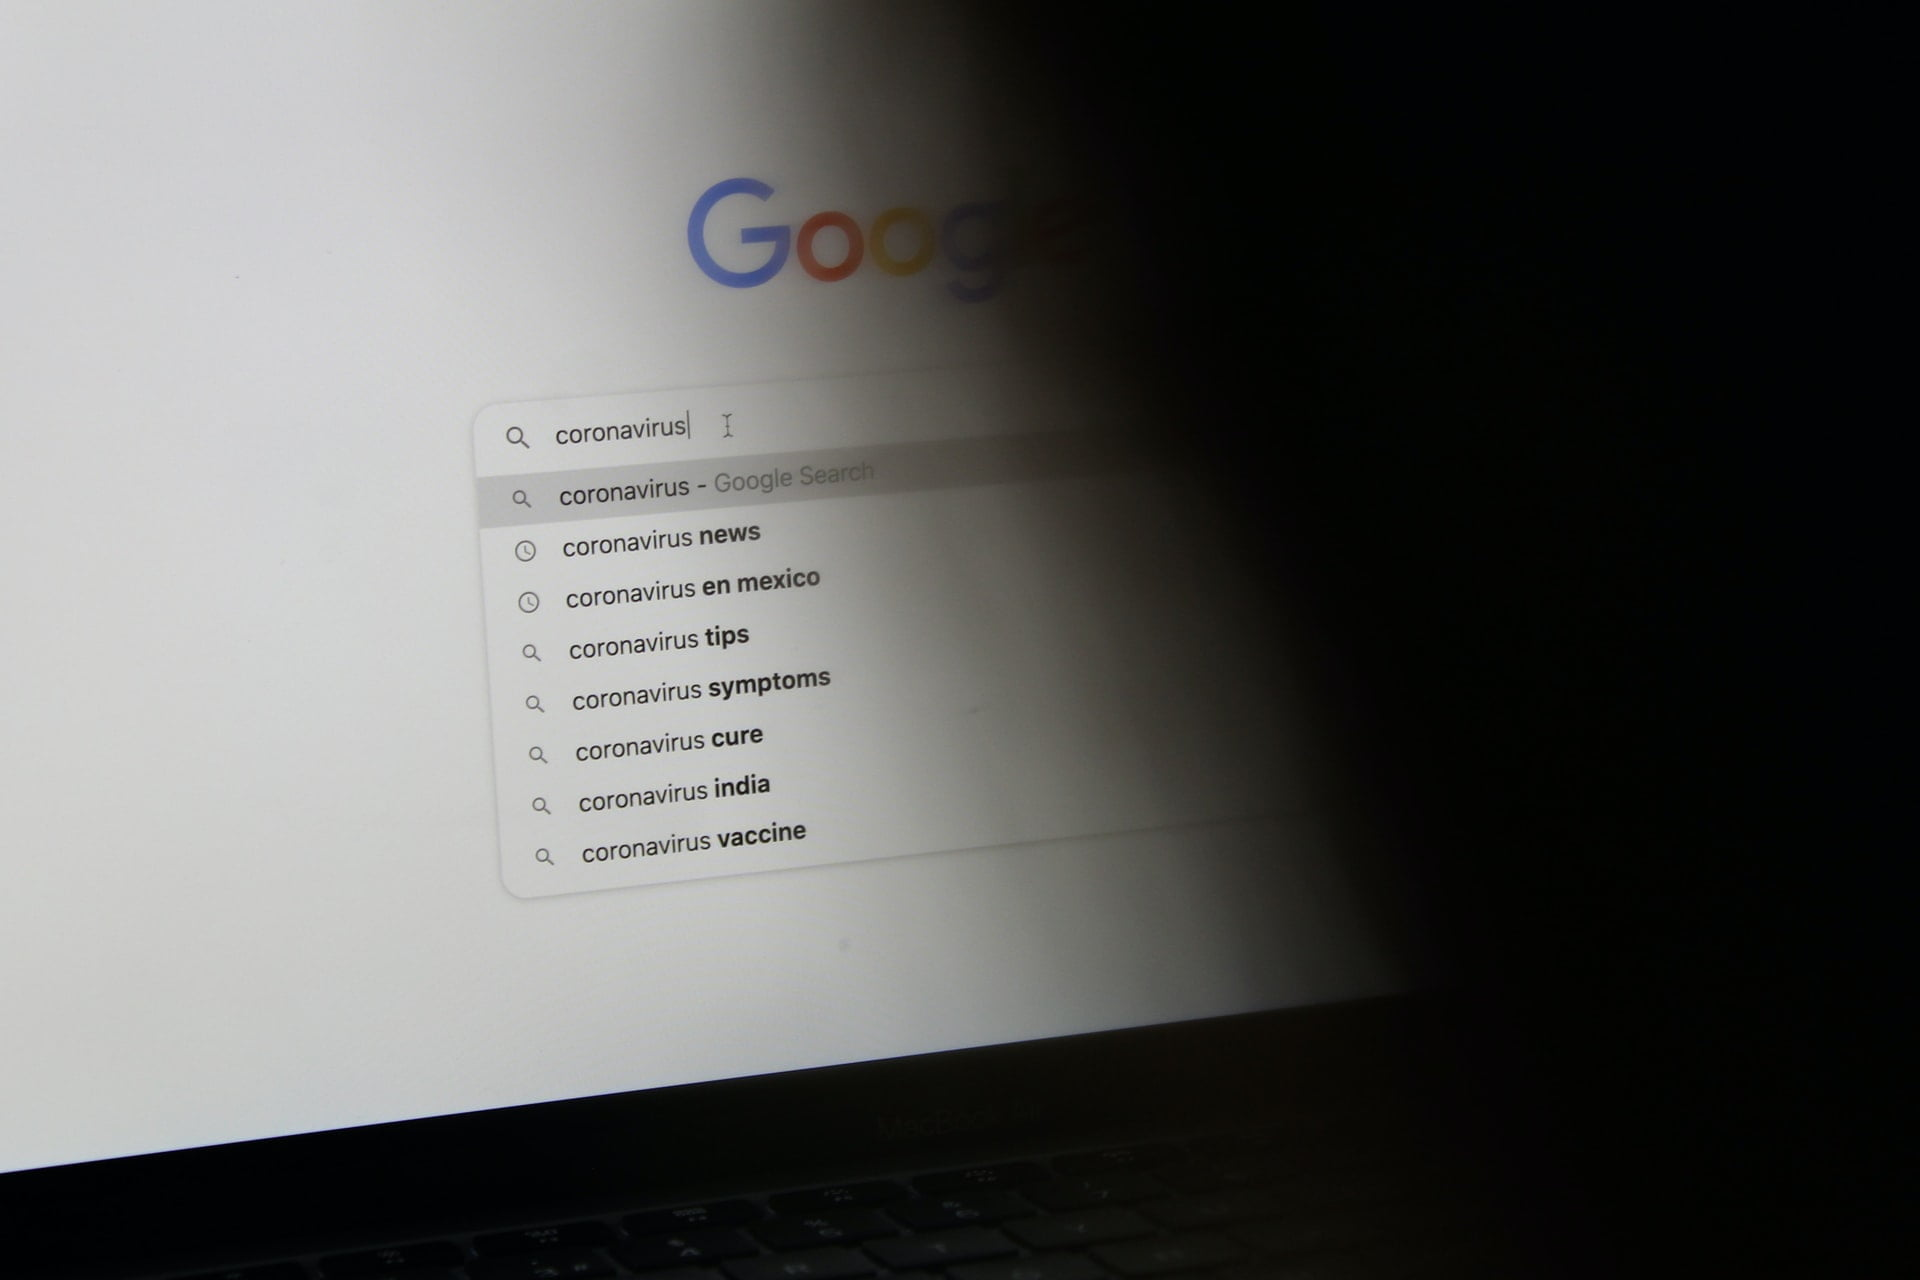 Zapytanie do wyszukiwarki